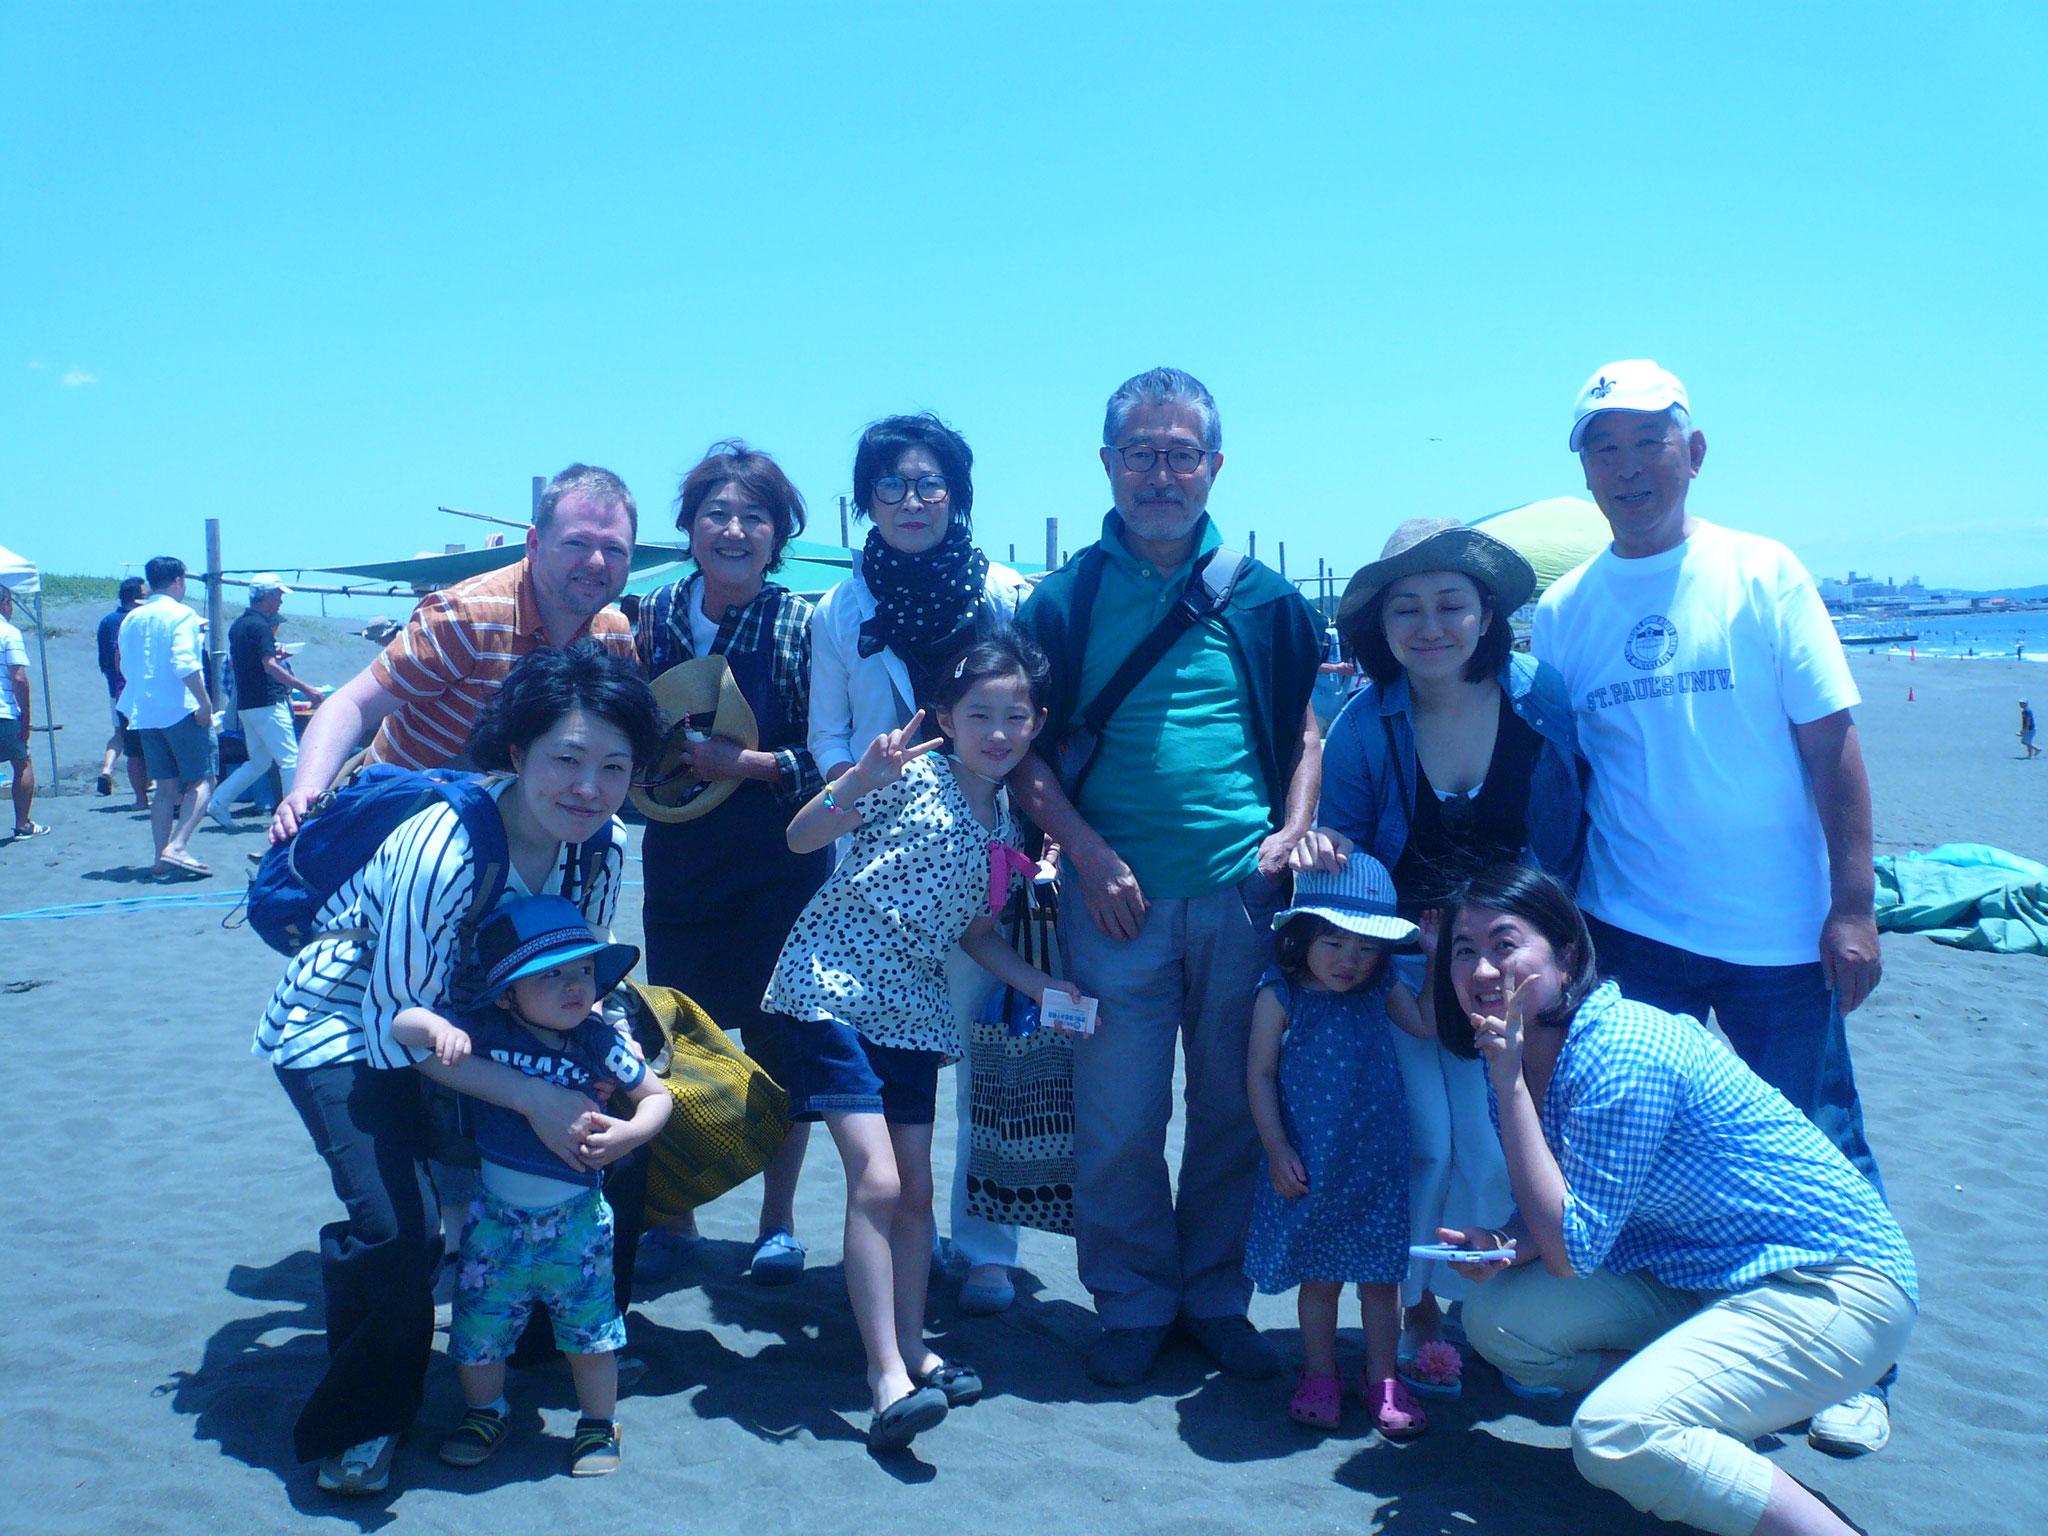 小田急線事故で大変でした。小寺さんグループ到着